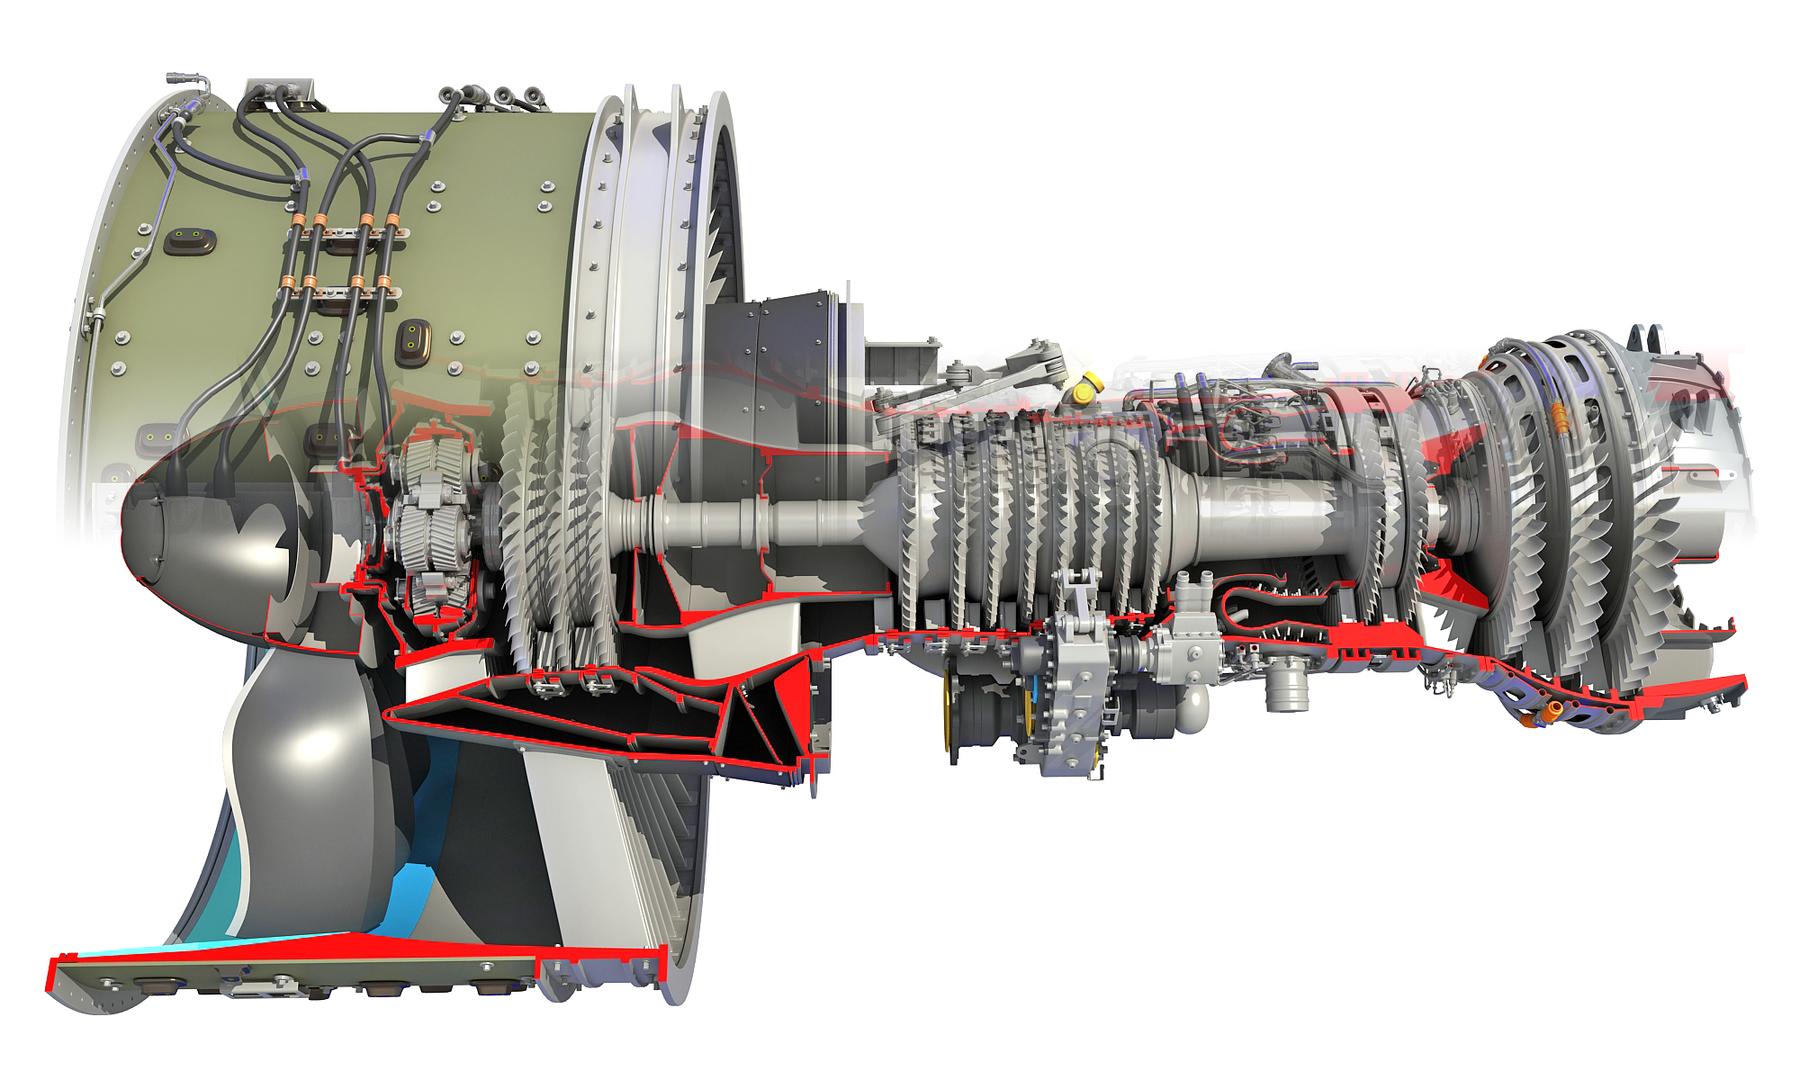 3D geared turbofan engine cutaway